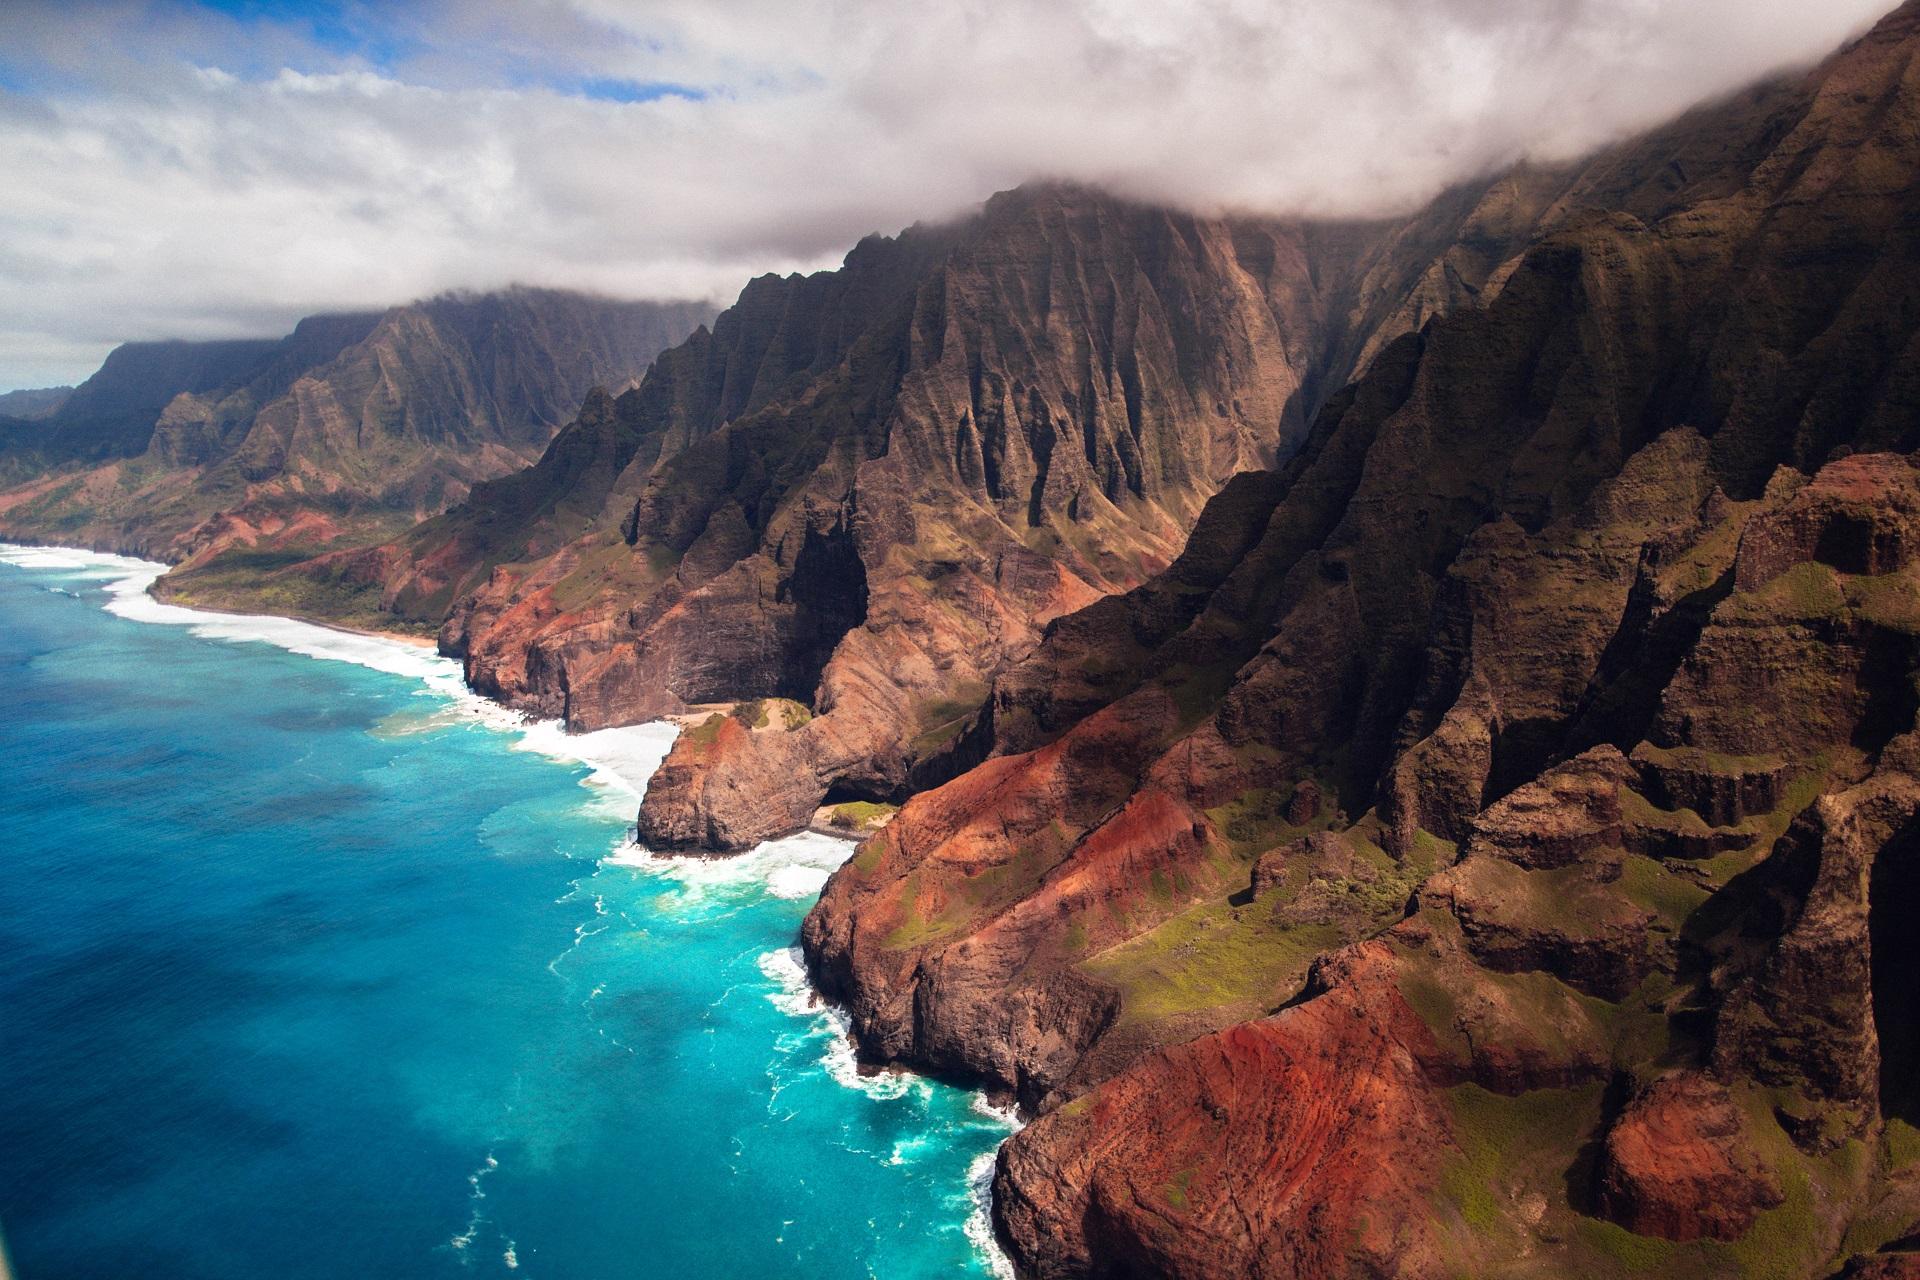 General 1920x1280 nature landscape sea shore hills Na Pali Coast Hawaii coast